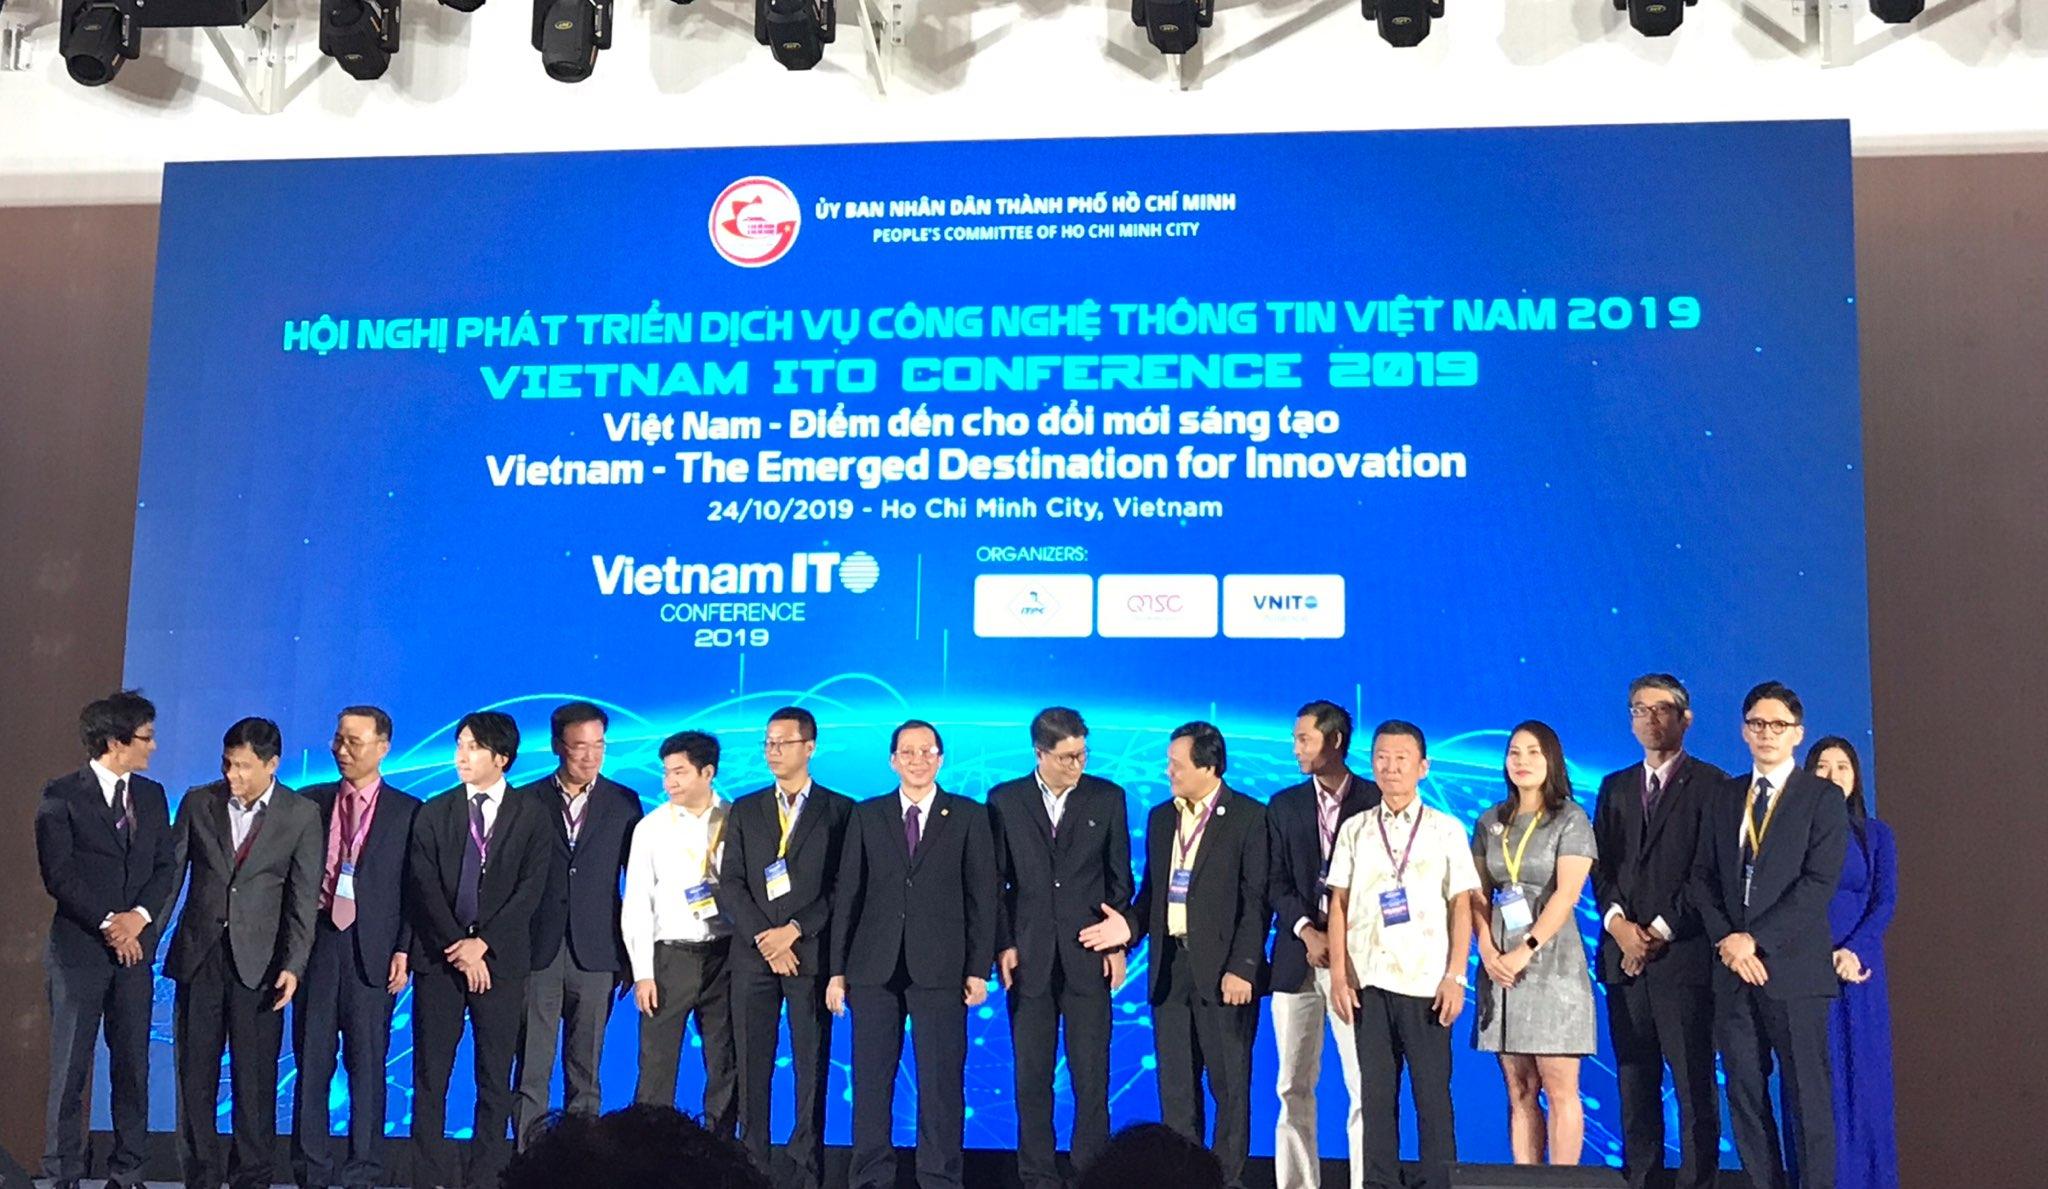 CO-WELL Asia gặp gỡ các doanh nghiệp quốc tế, mở rộng hợp tác và phát triển tại VNITO 2019